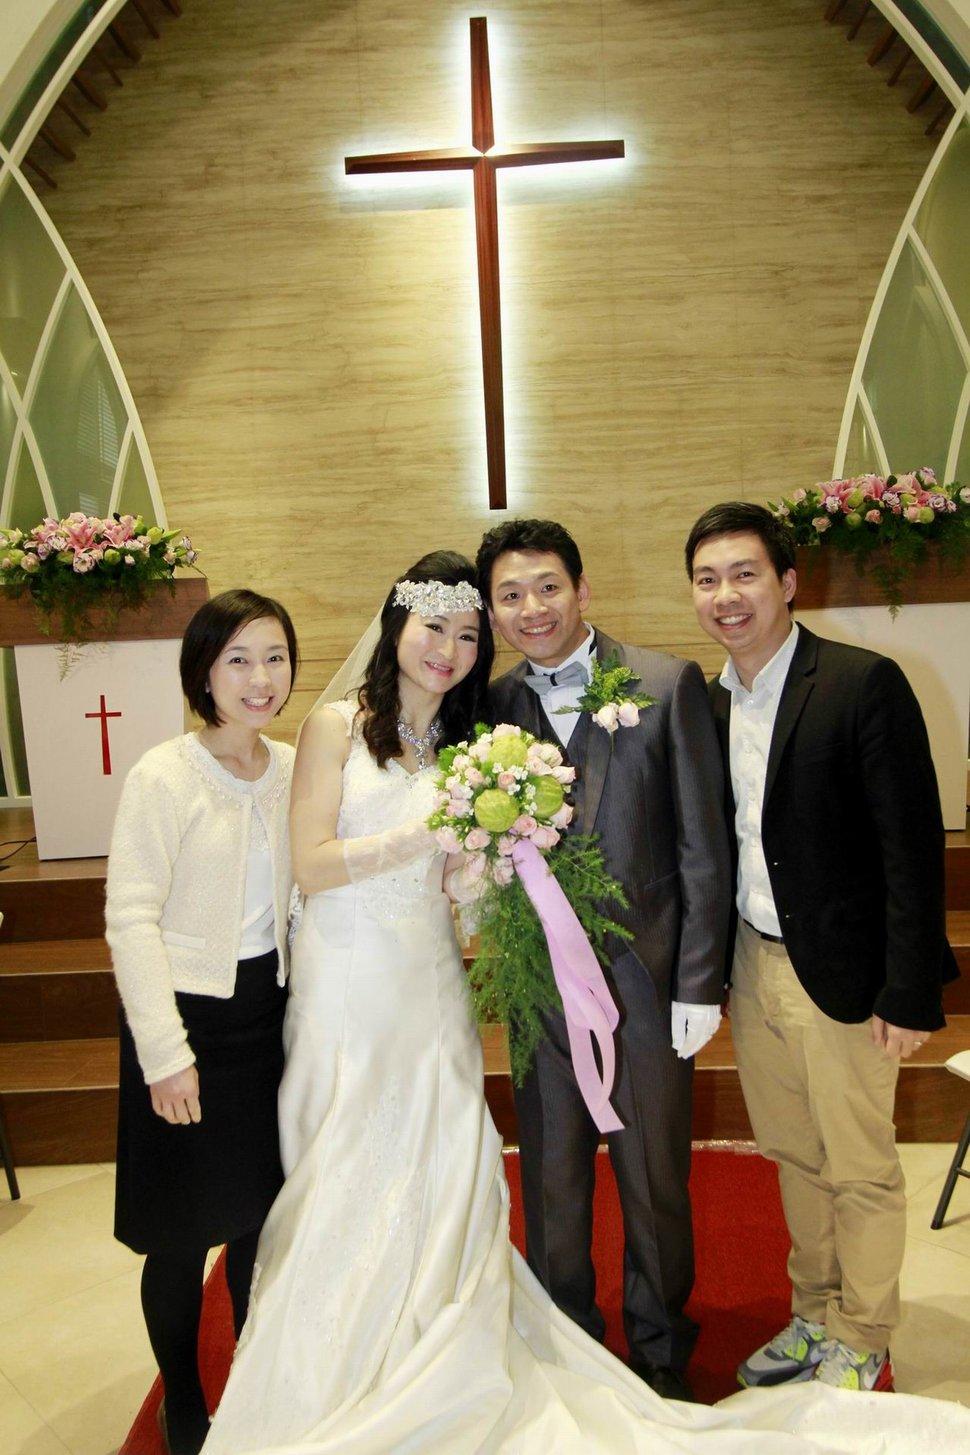 婚禮記錄汐止那米哥餐廳婚宴會館餐廳婚攝j婚錄結婚迎娶婚禮記錄動態微電影錄影專業錄影平面攝影婚禮紀錄婚攝婚錄主持人(編號:305654) - 蜜月拍照10800錄影12800攝影團隊 - 結婚吧